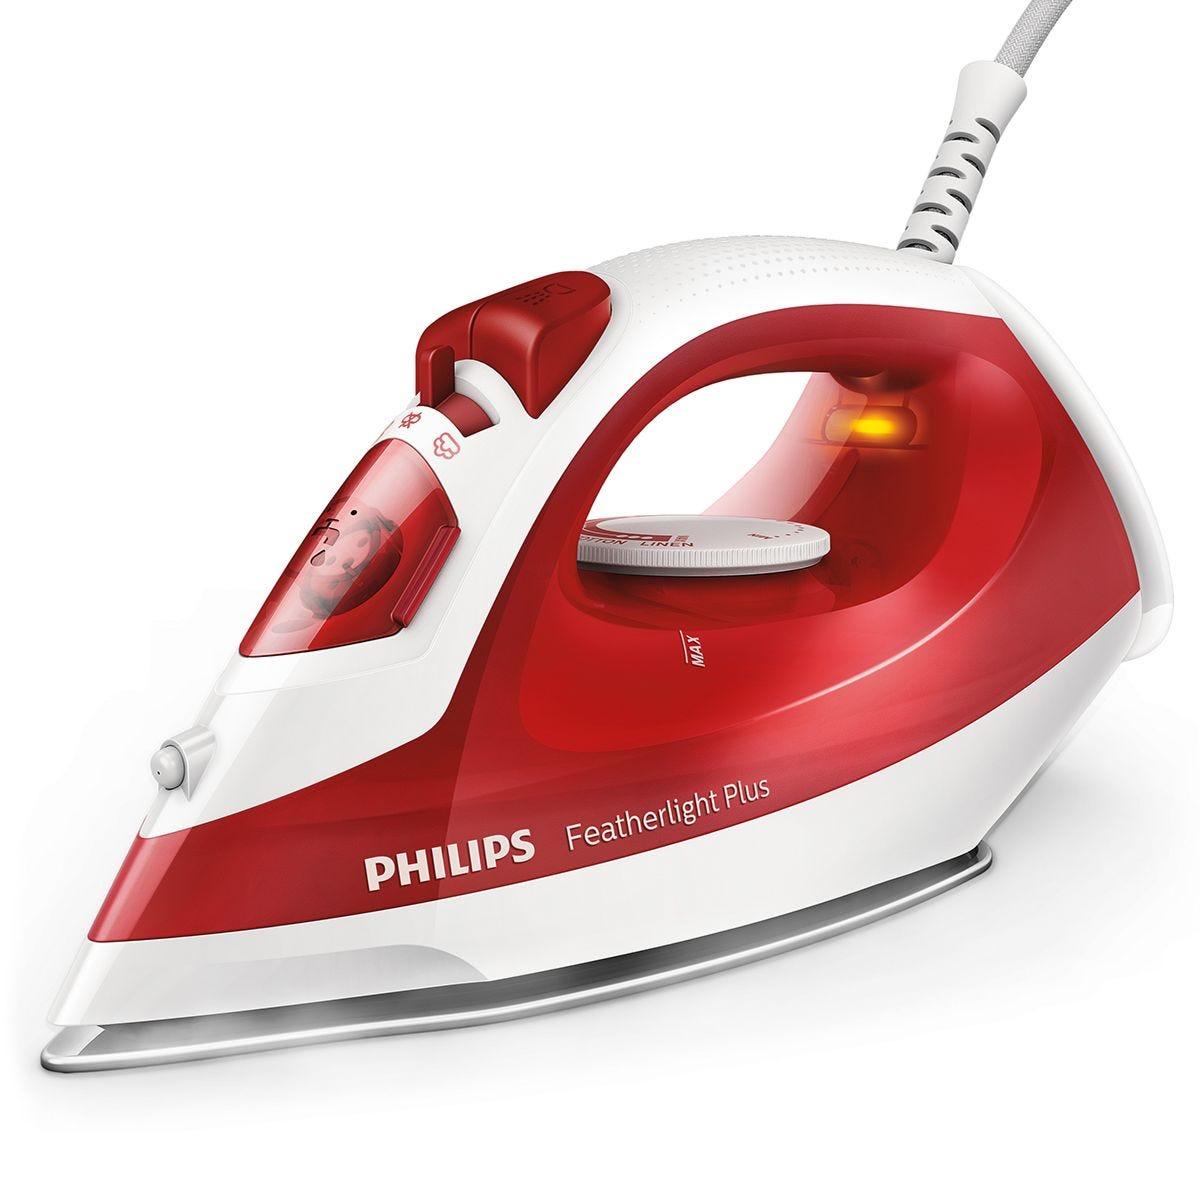 Philips Featherlight Plus Steam Iron